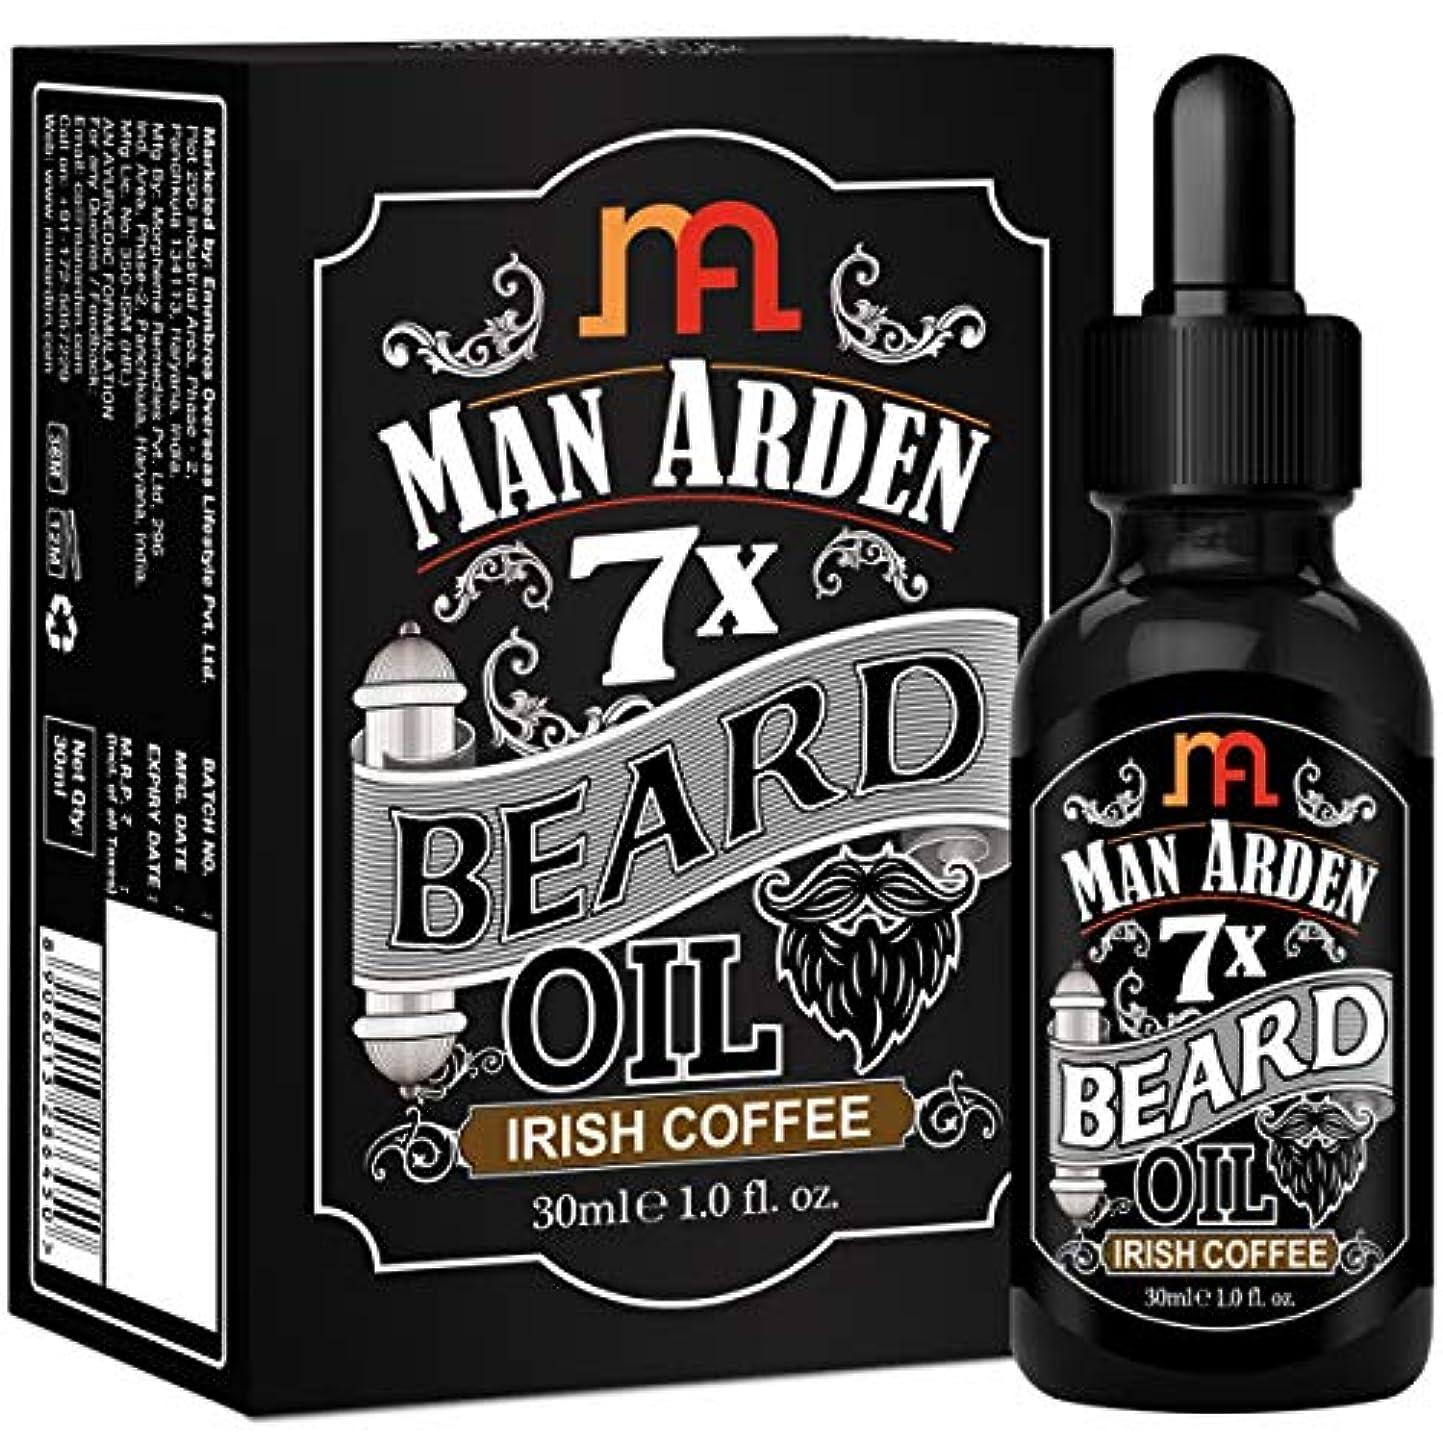 デクリメントトレーダー脅迫Man Arden 7X Beard Oil 30ml (Irish Coffee) - 7 Premium Oils For Beard Growth & Nourishment